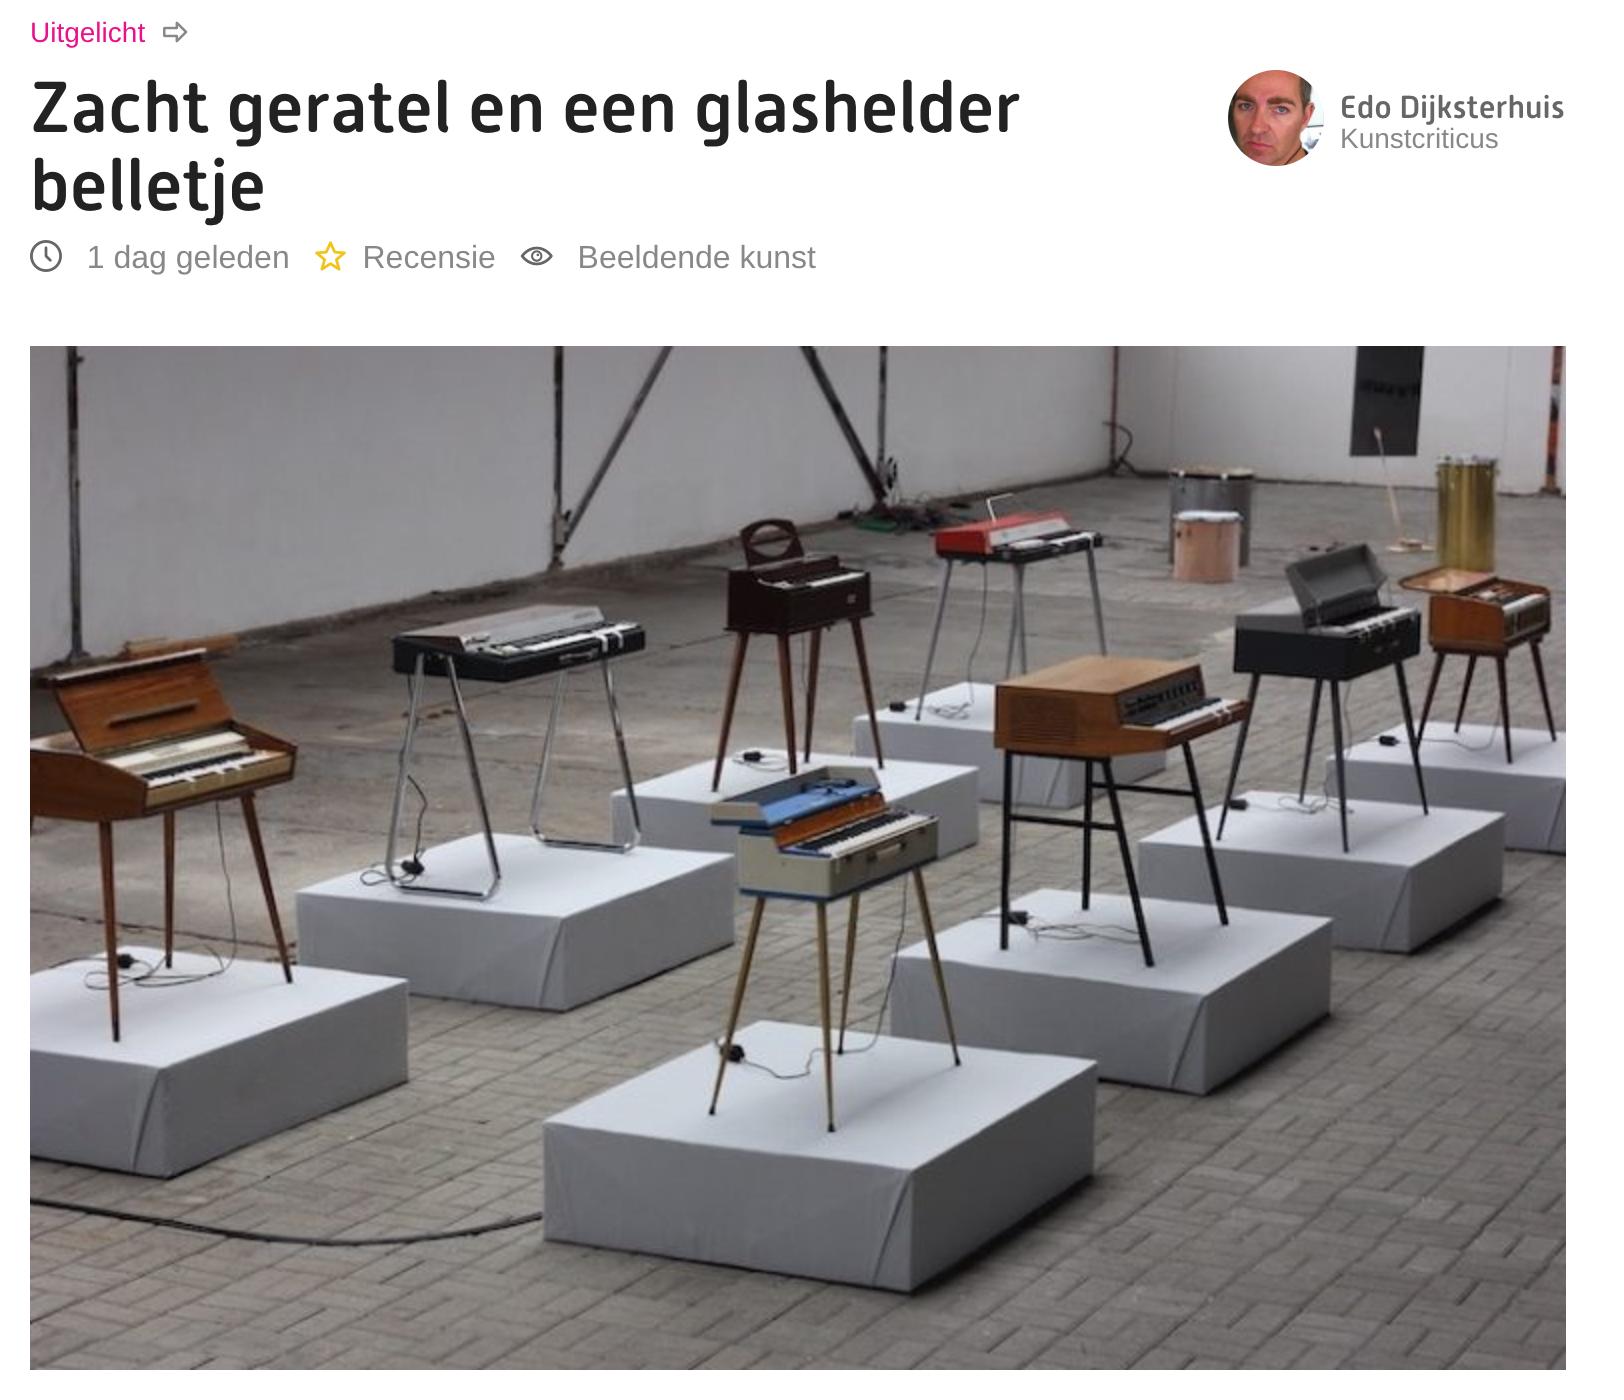 Museumtijdschrift Sense of Sound